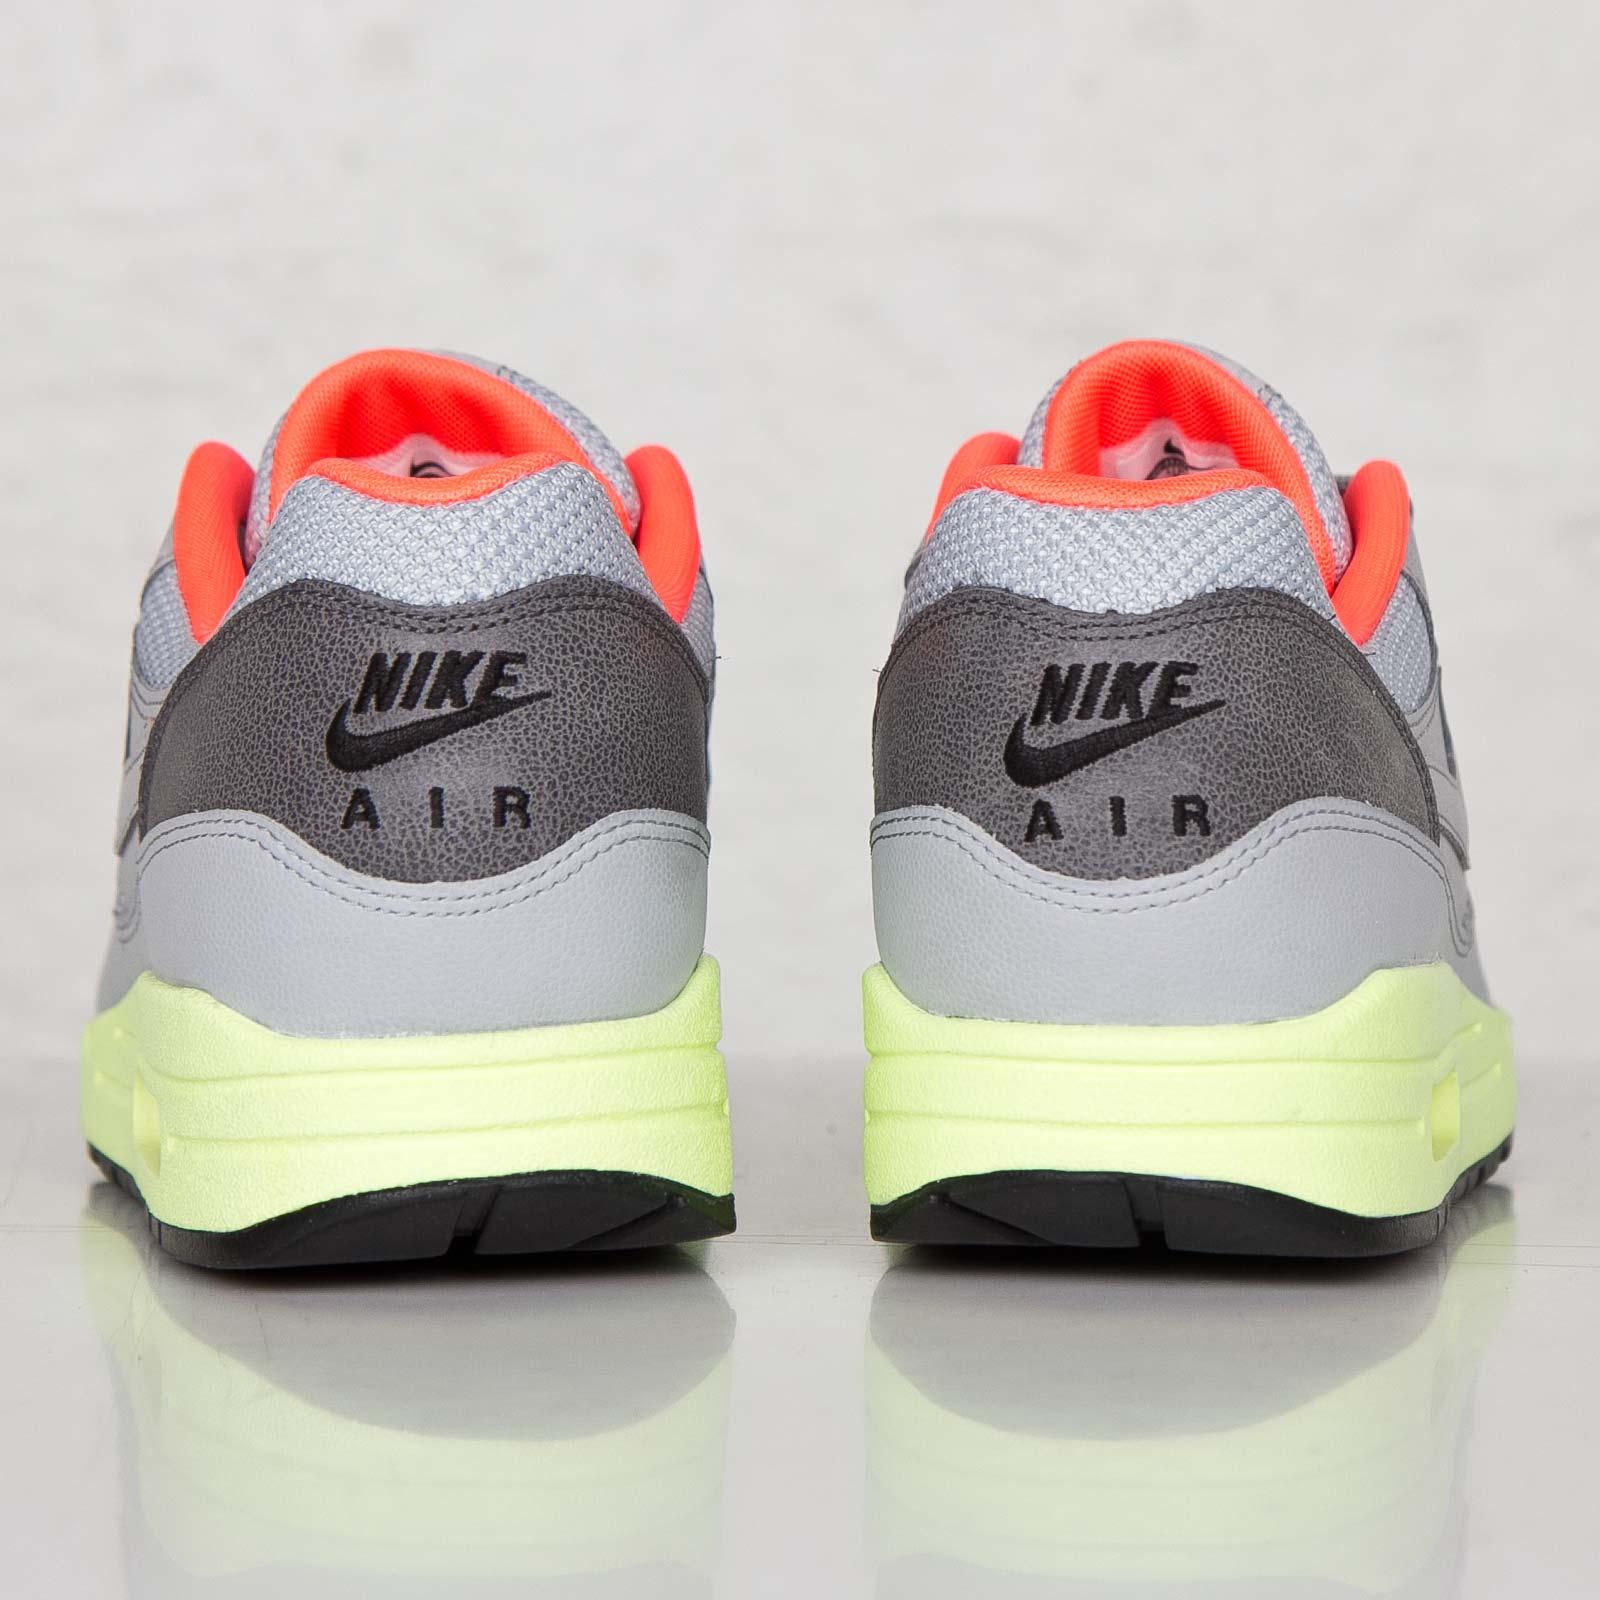 6057228560 Nike Air Max 1 FB - 579920-005 - Sneakersnstuff | sneakers & streetwear  online since 1999